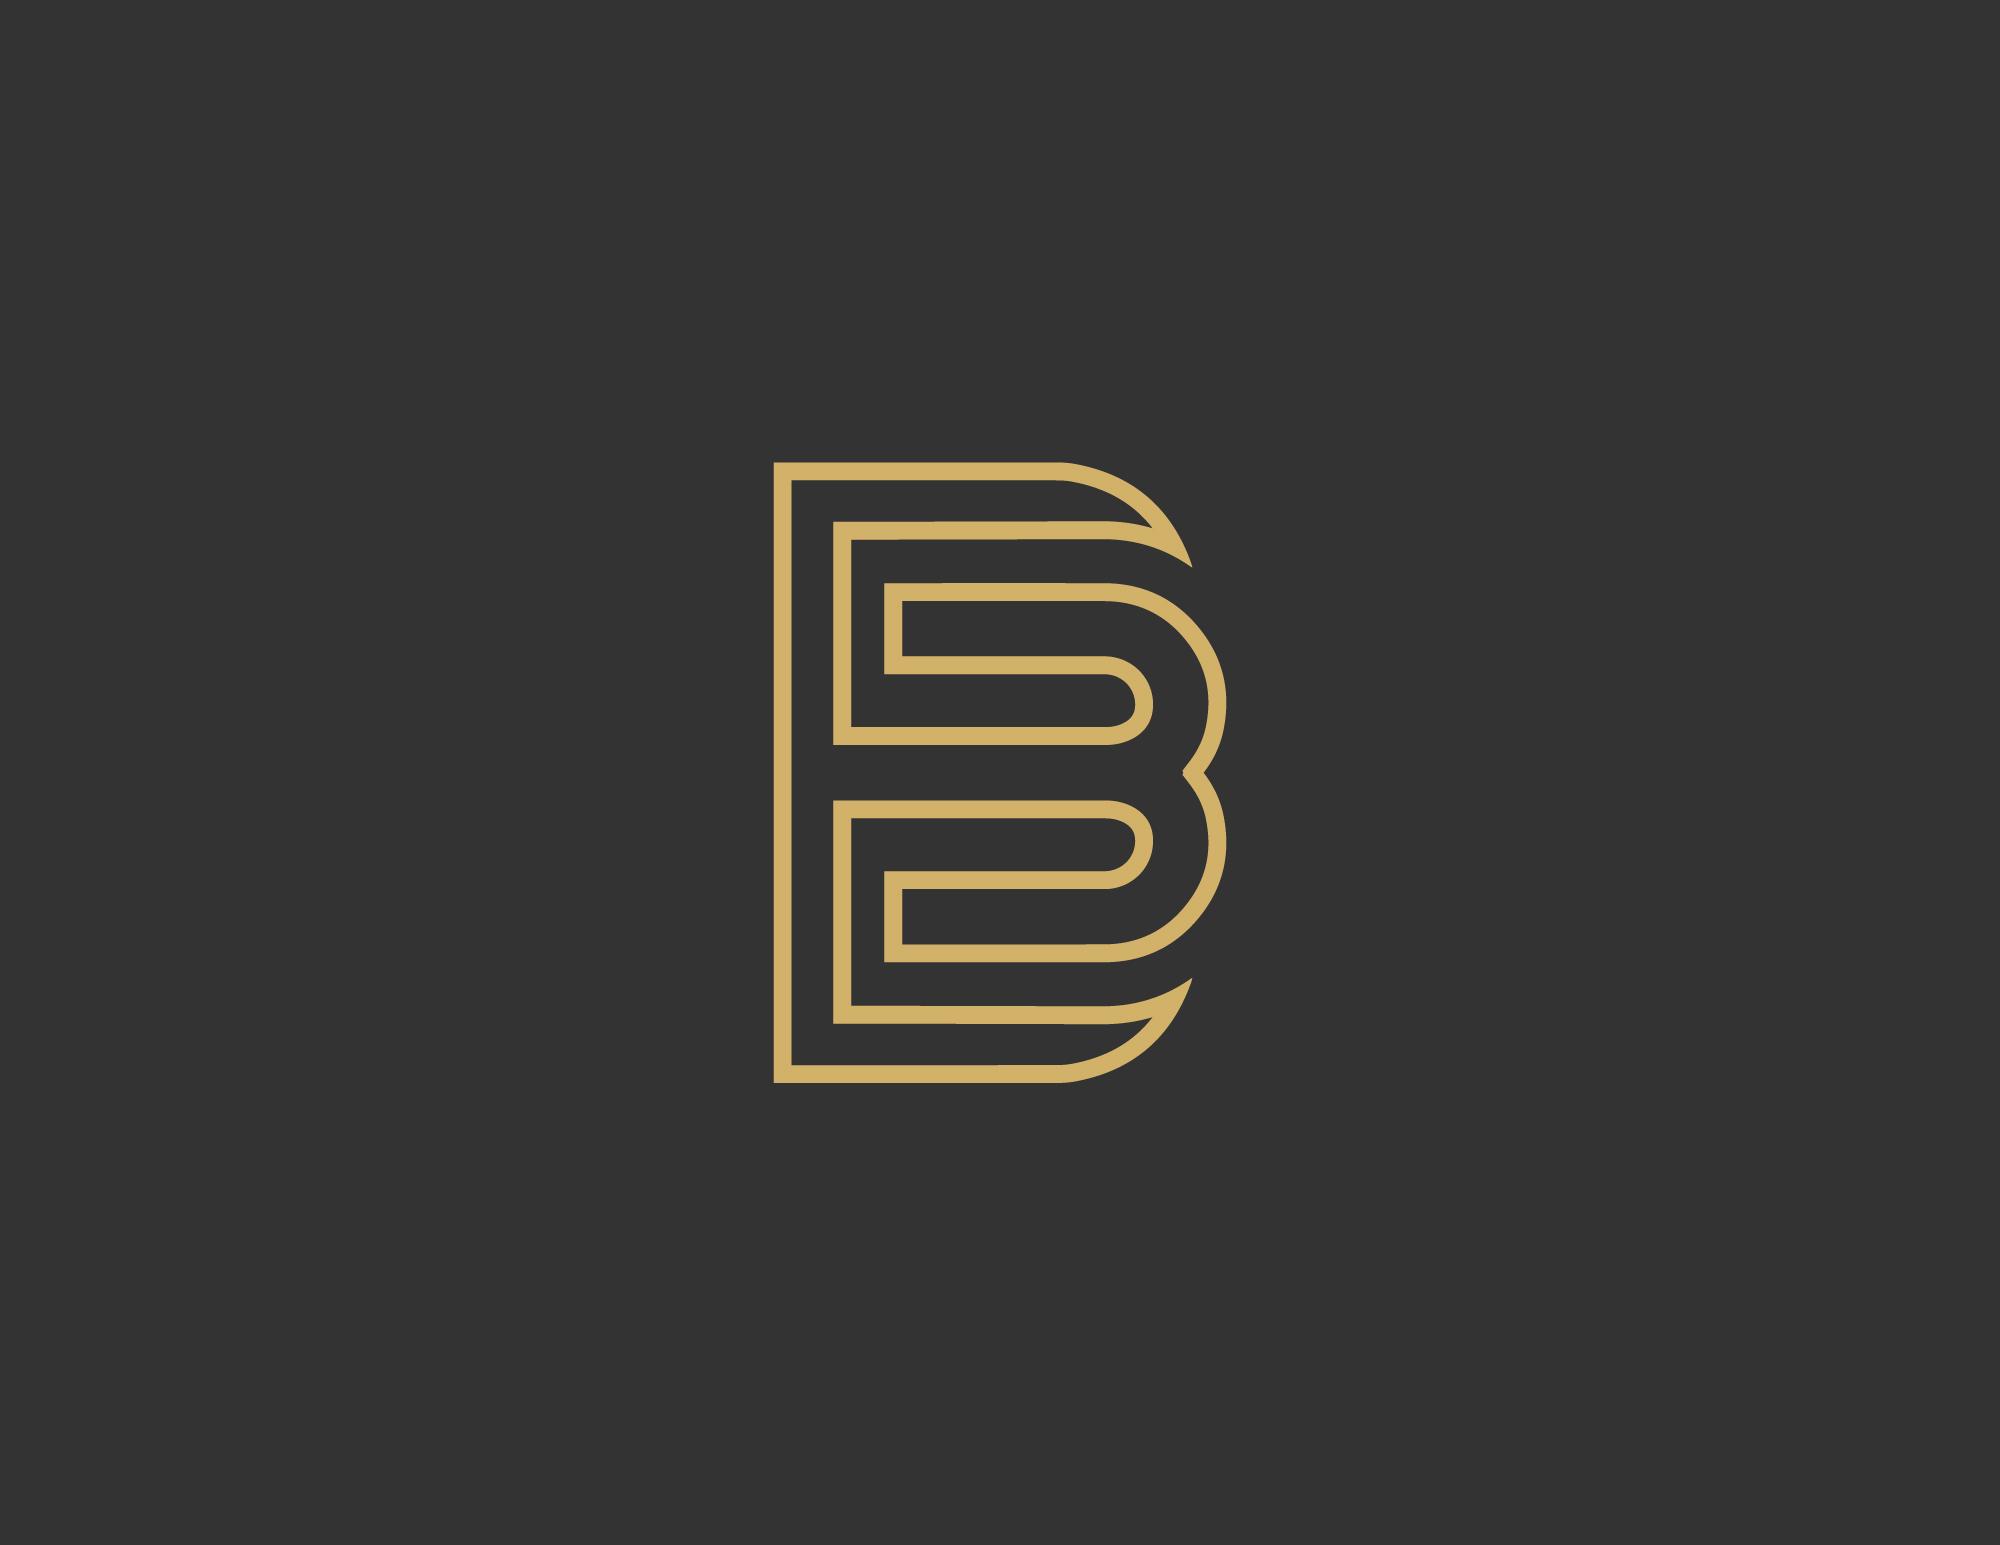 BBB_3.jpg